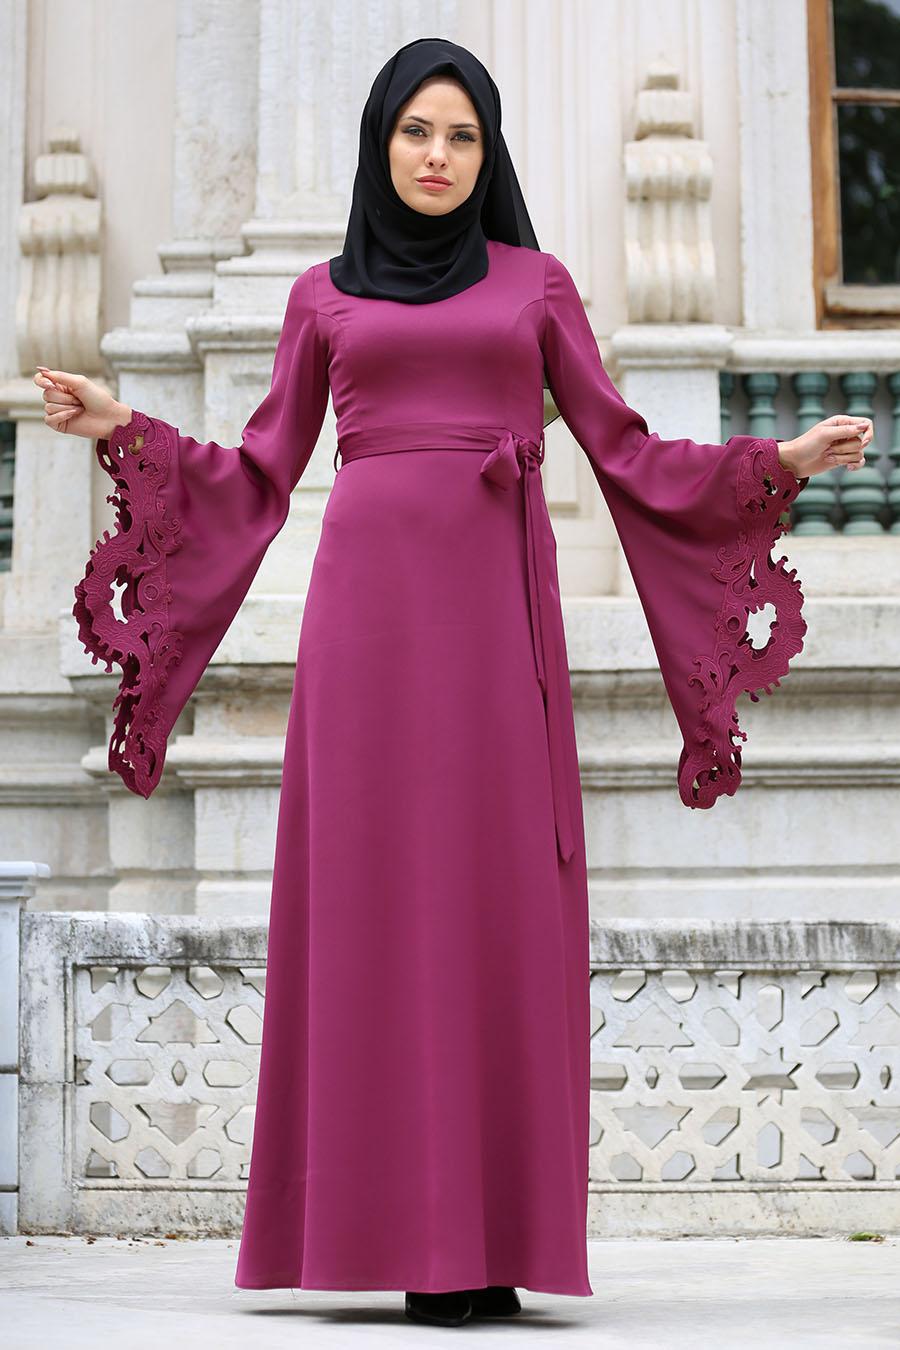 GAmis ketat dan seksi manis jilbab hitam dan imut